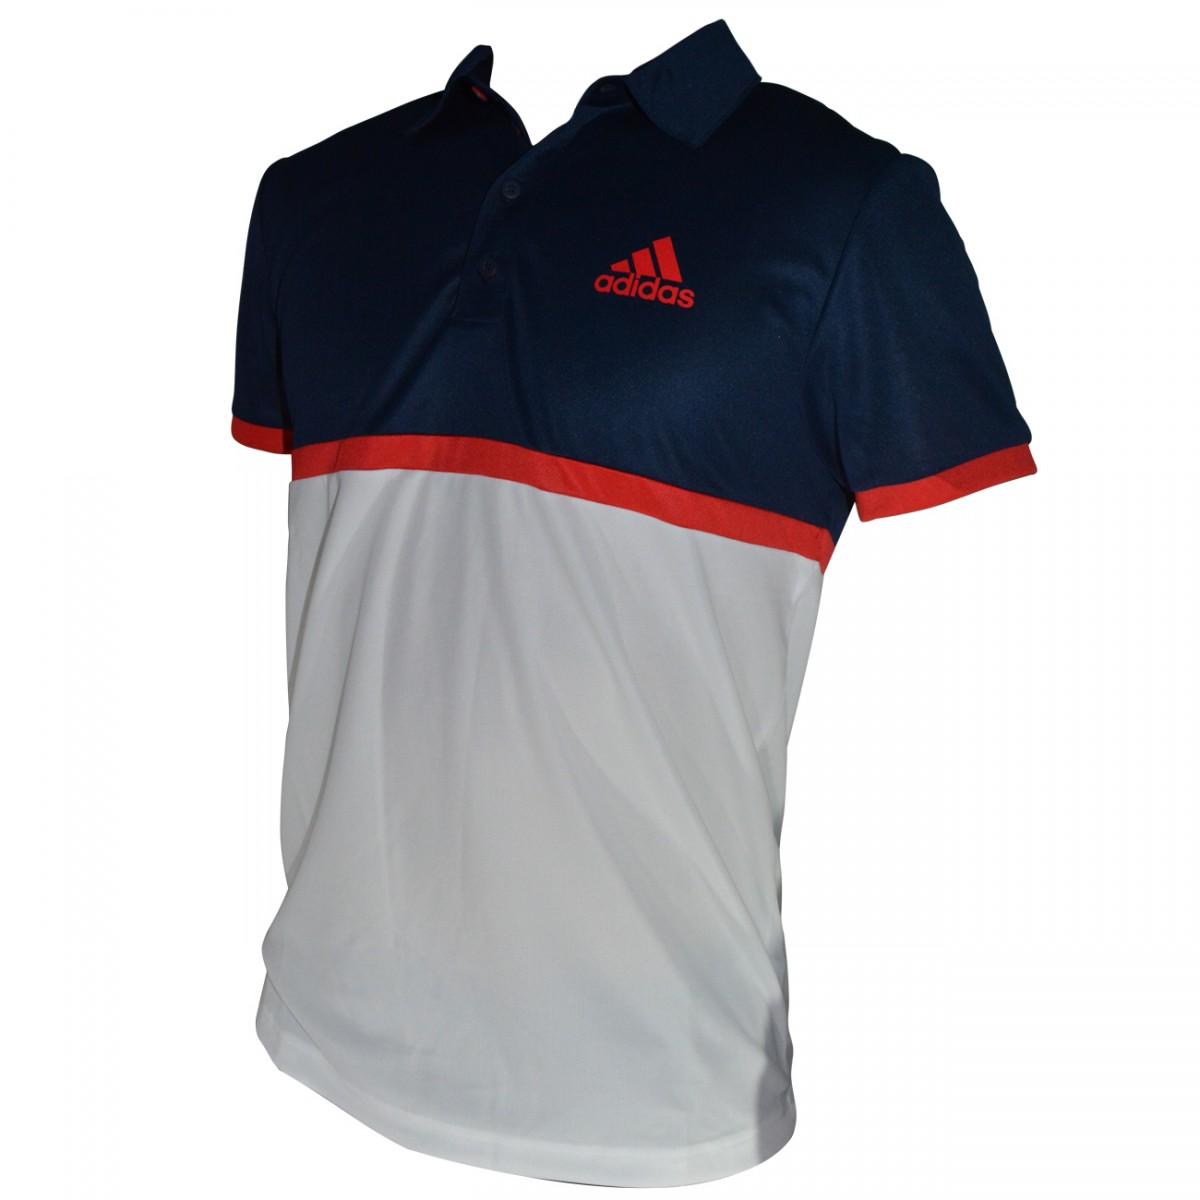 Camisa Polo Adidas Court AX8164 - Marinho Branco Vermelho - Chuteira Nike d70ba64a5886c